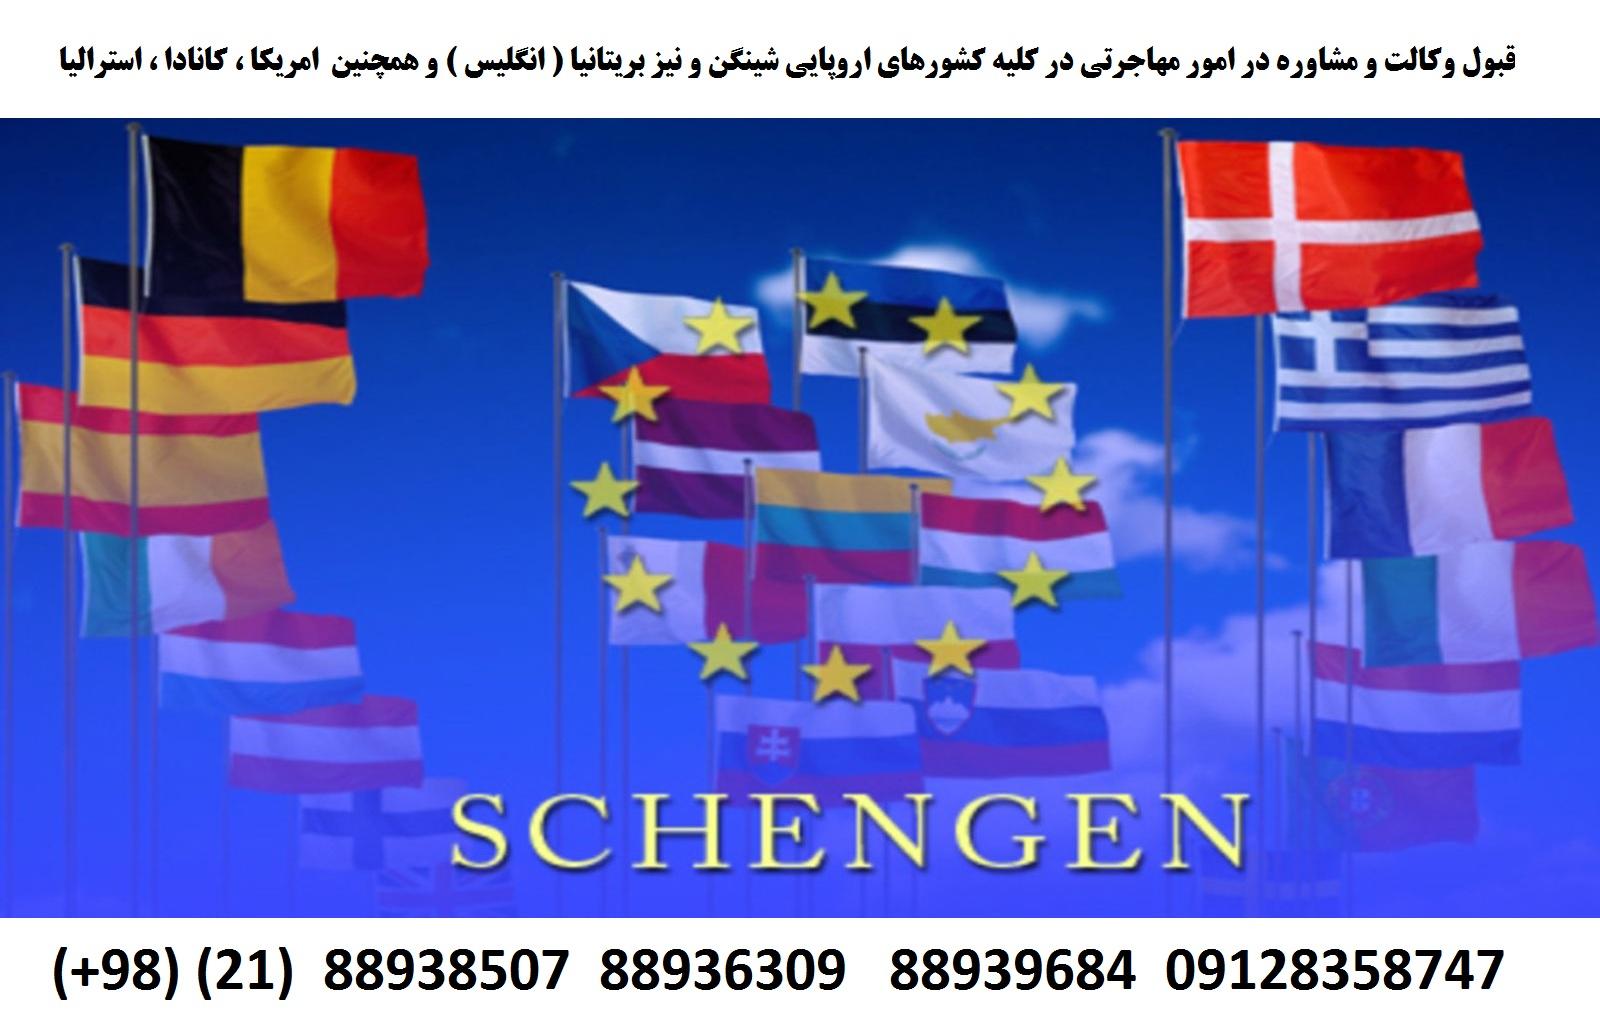 تفاوت کشورهای اتحادیه اروپا با کشورهای محدوده شینگن